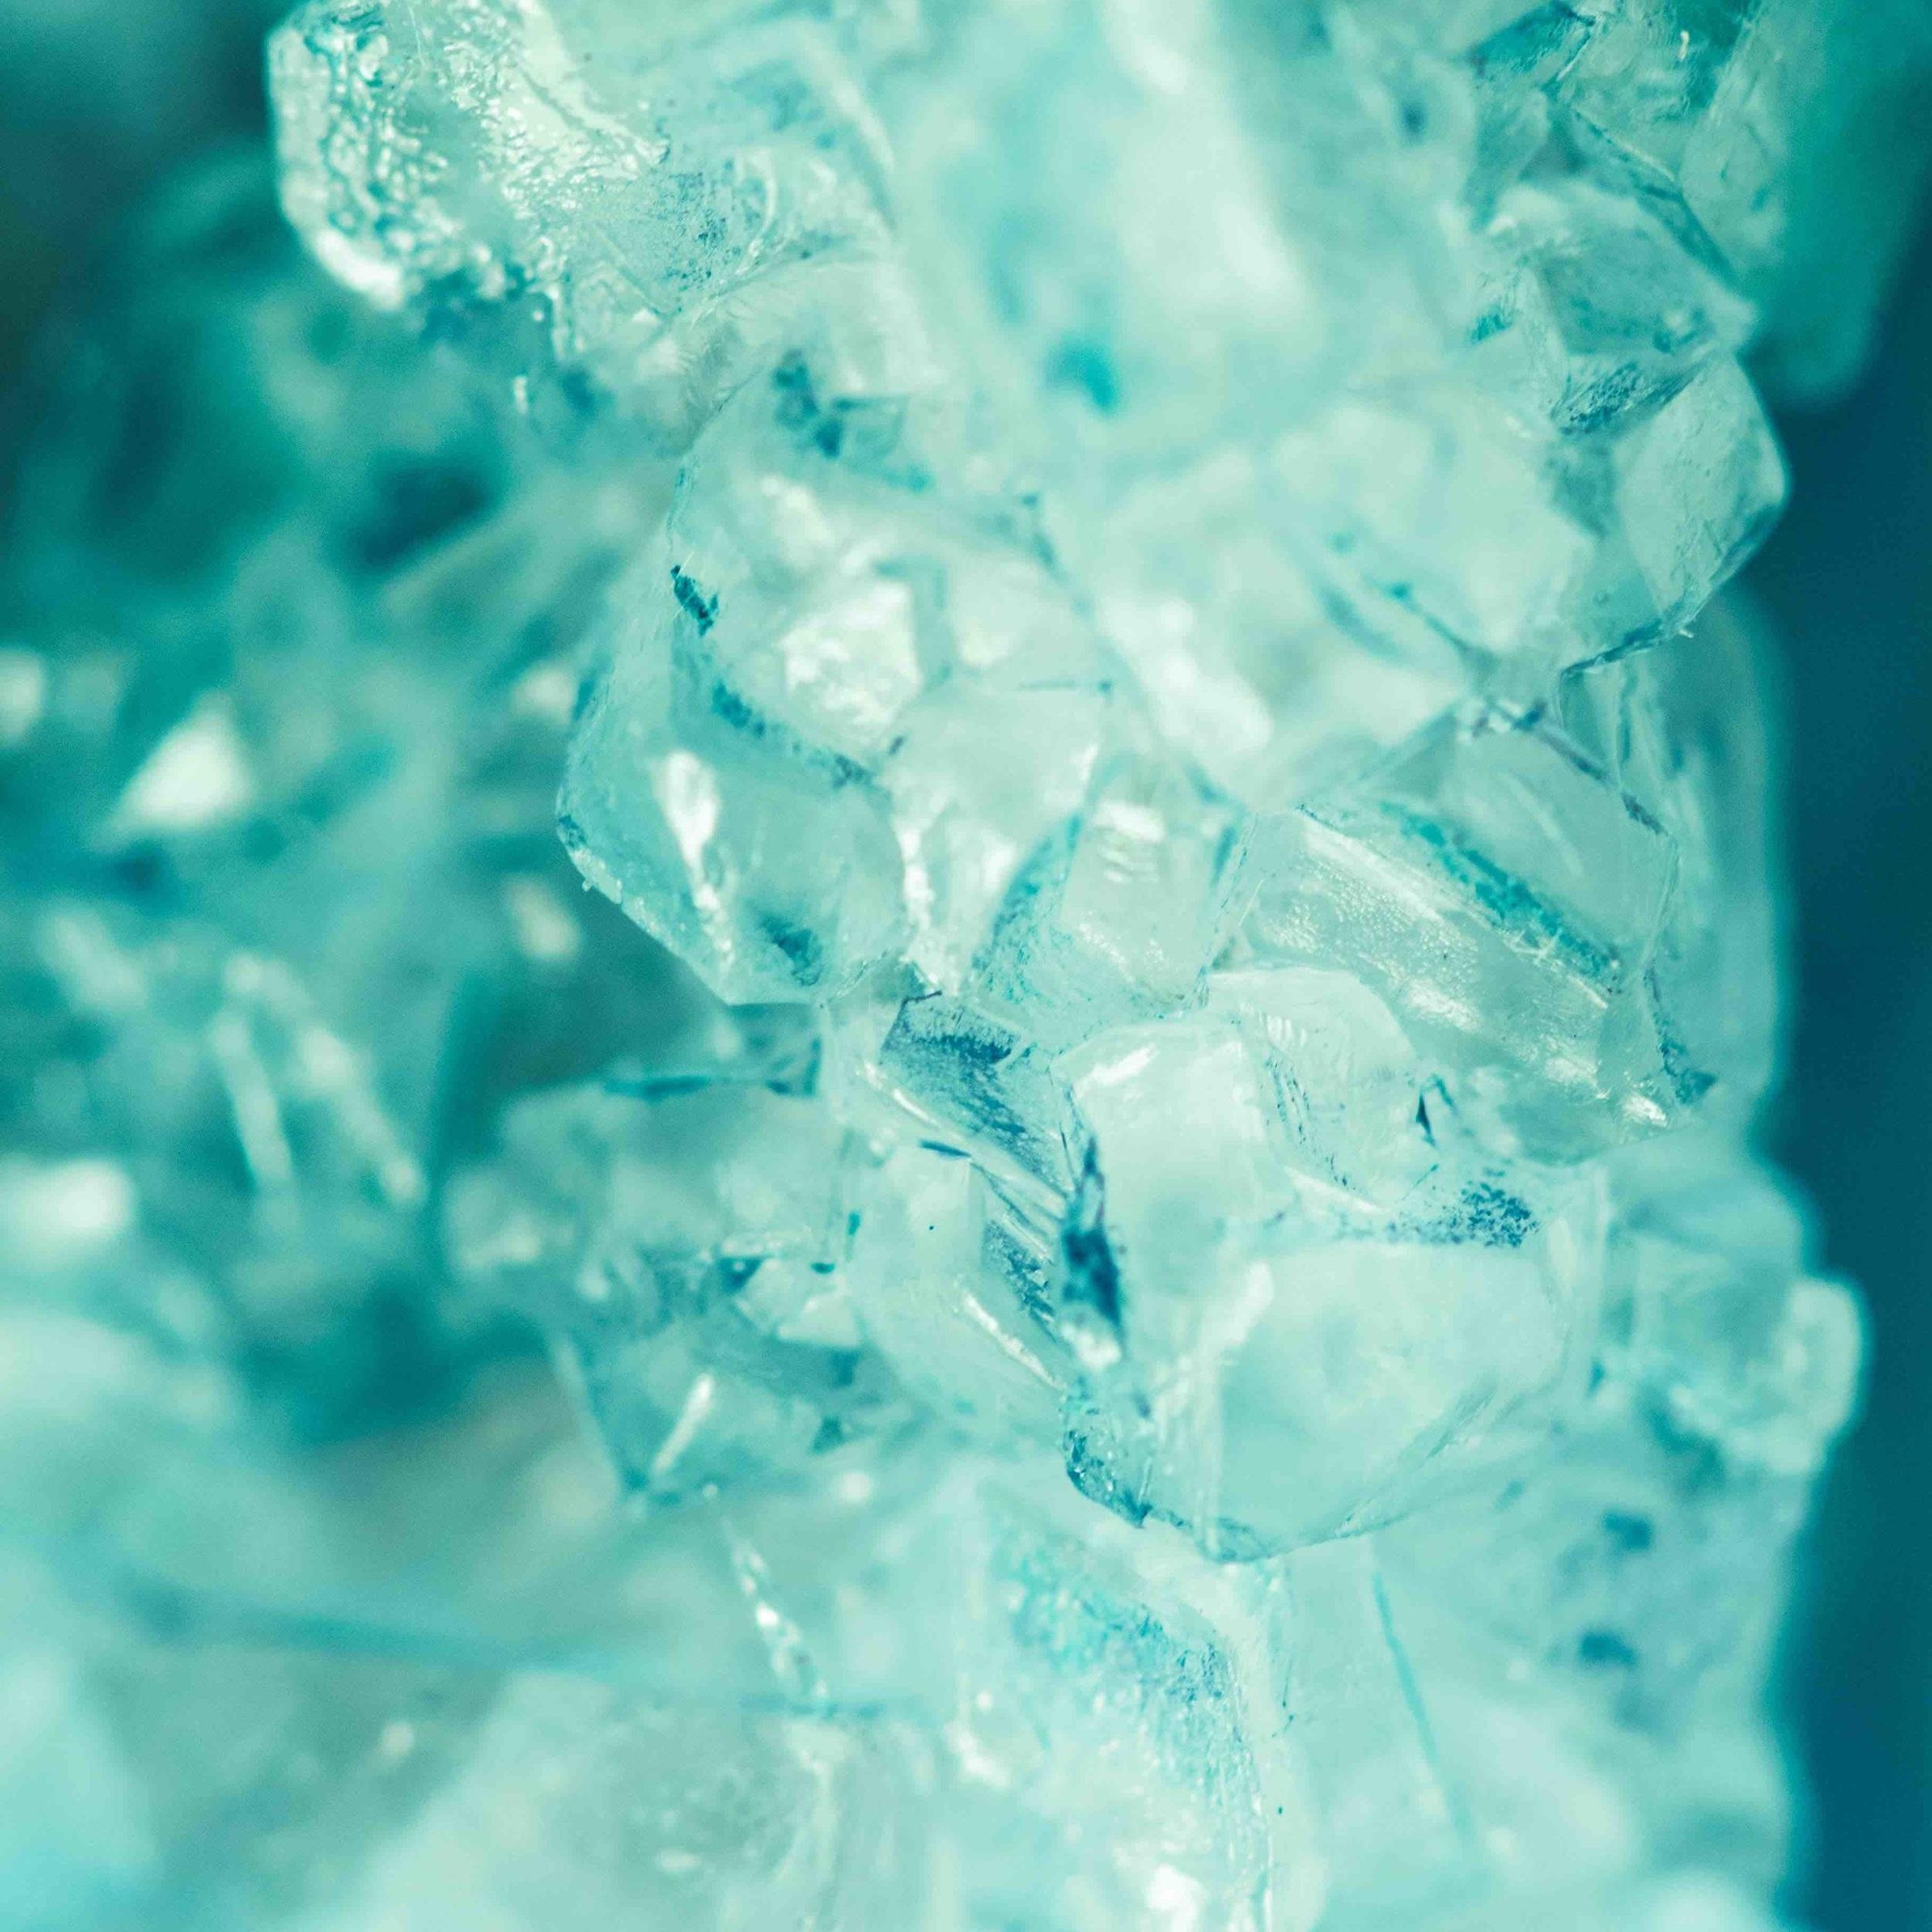 Sfrutta i benefici dell'acqua fredda - L'acqua fredda ha un effetto vasocostrittore immediato: stimola la circolazione sanguigna, migliora il ricambio cellulare e astringe visibilmente i tessuti. Prendi panno, meglio se di lino o cotone, bagnalo con dell'acqua con cubetti di ghiaccio e passalo sul seno.